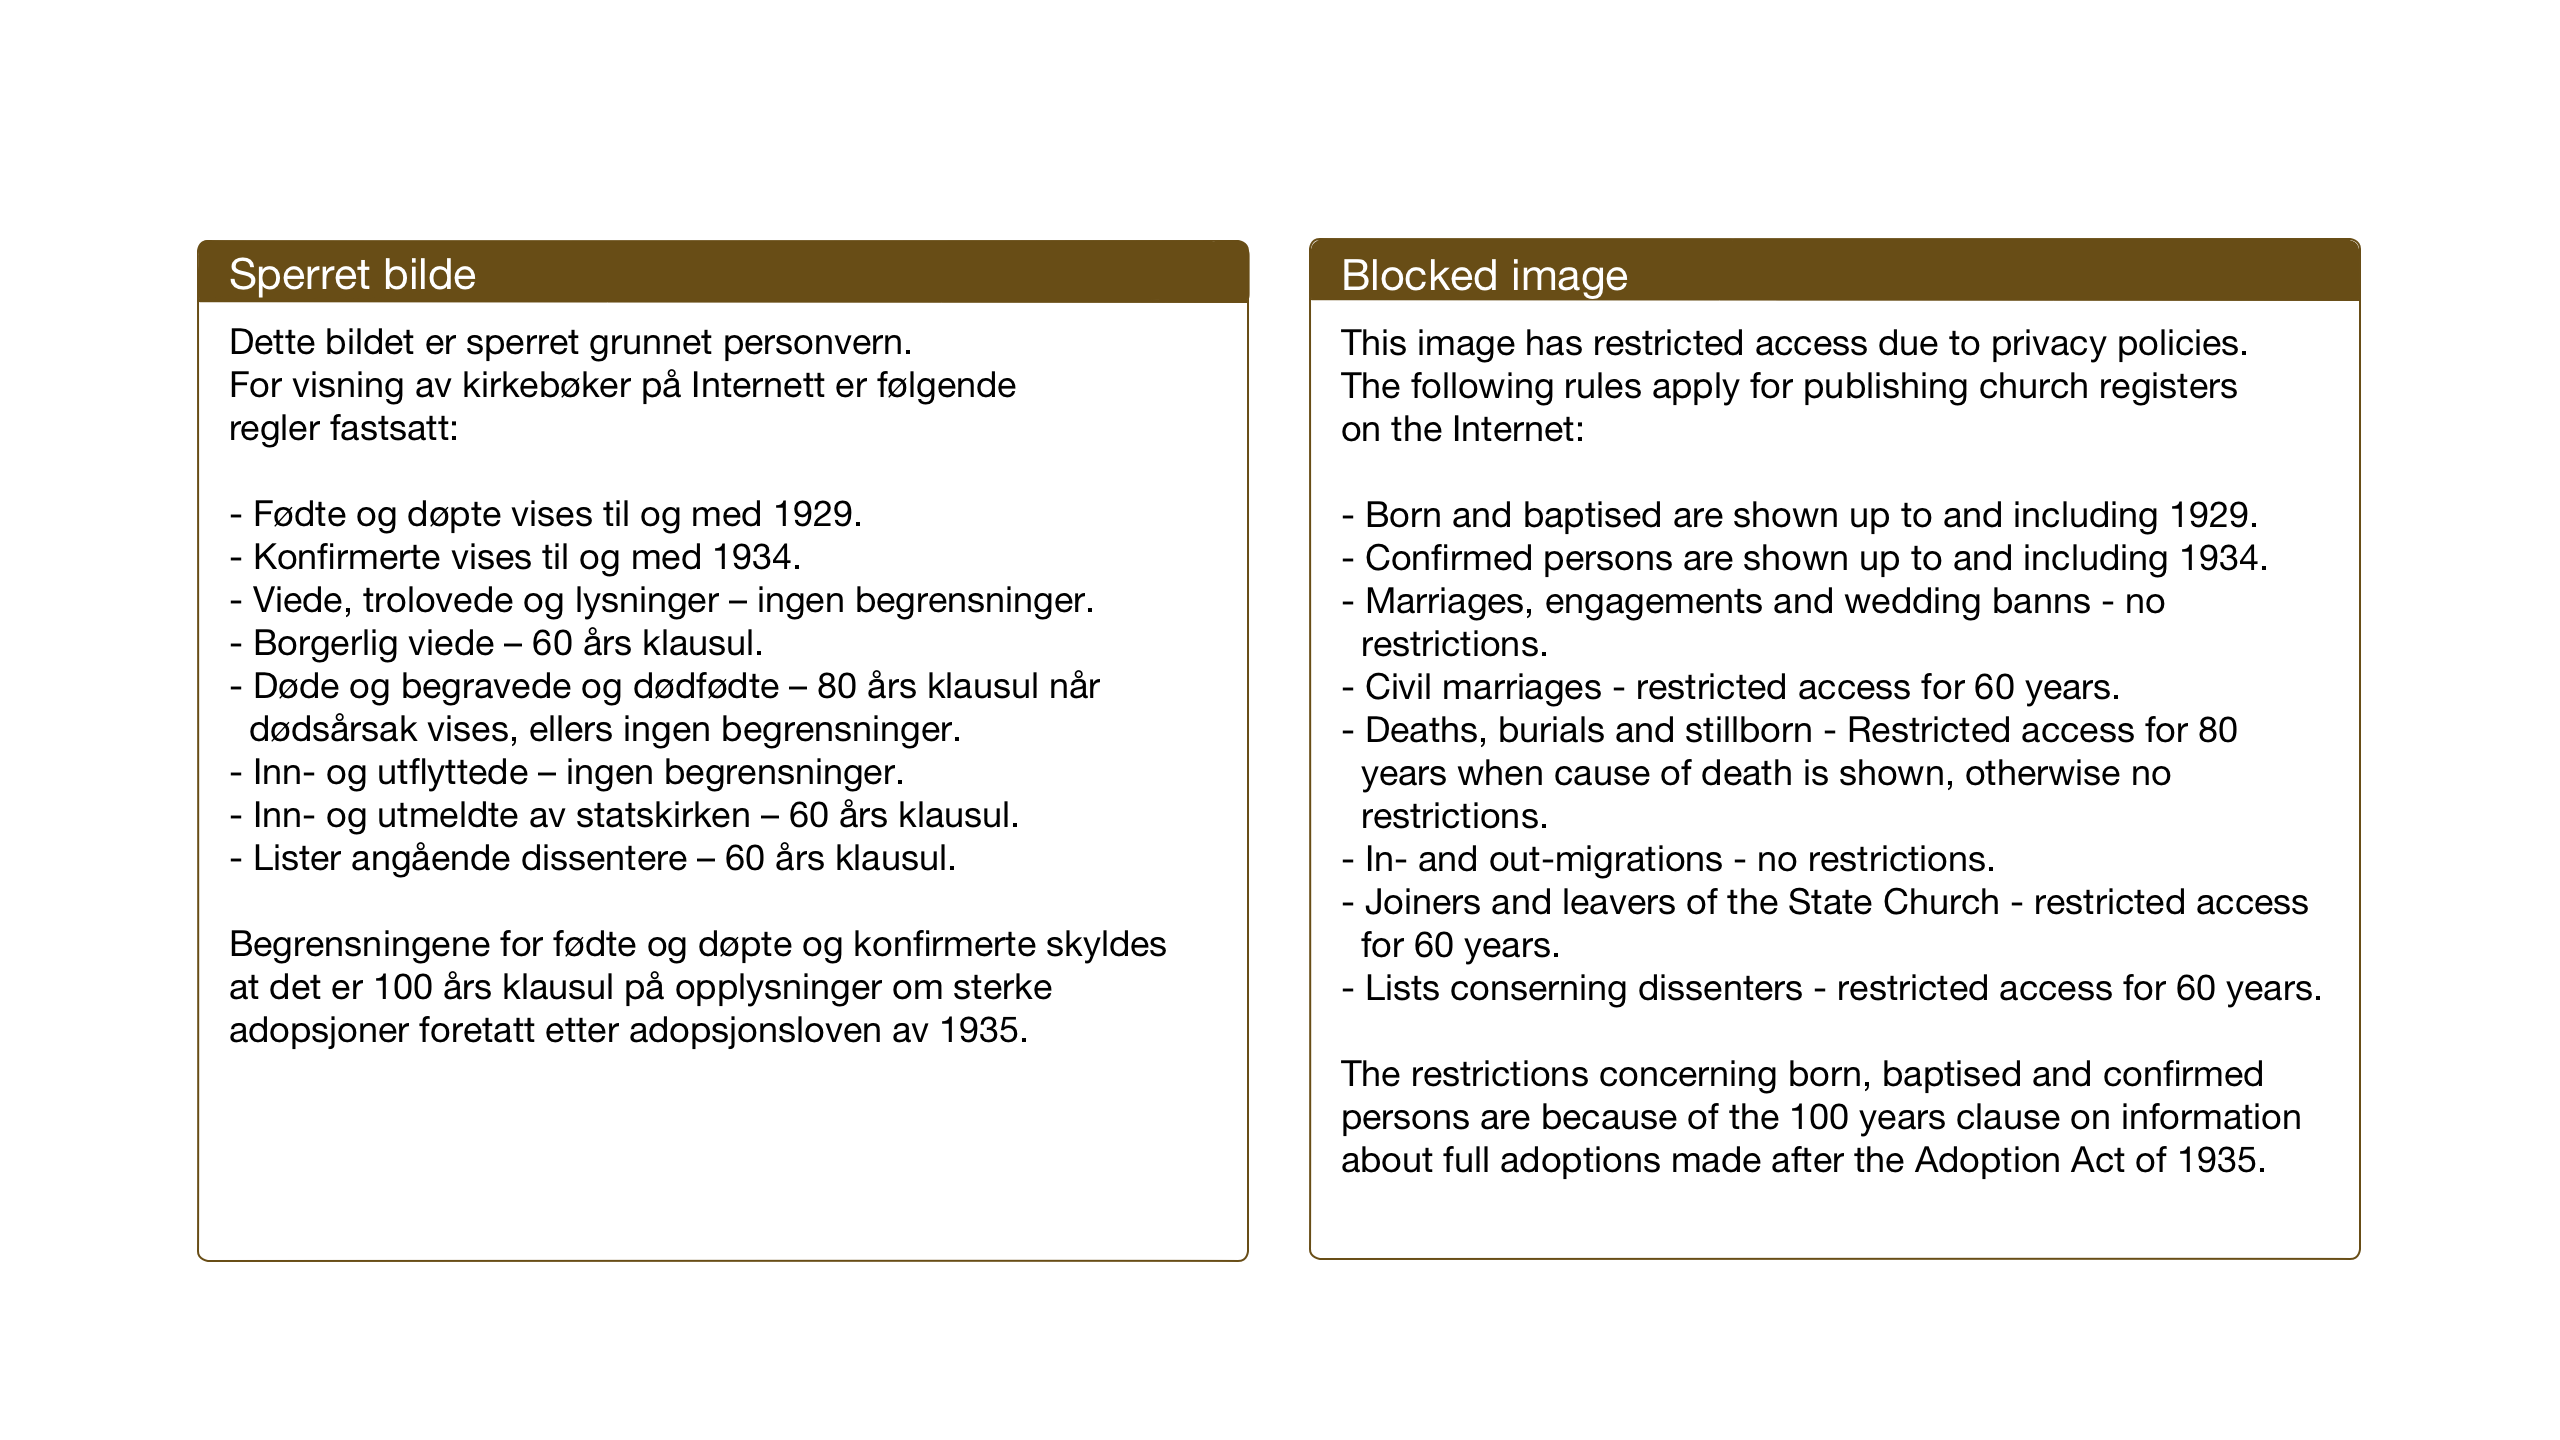 SAT, Ministerialprotokoller, klokkerbøker og fødselsregistre - Nord-Trøndelag, 757/L0507: Klokkerbok nr. 757C02, 1923-1939, s. 23